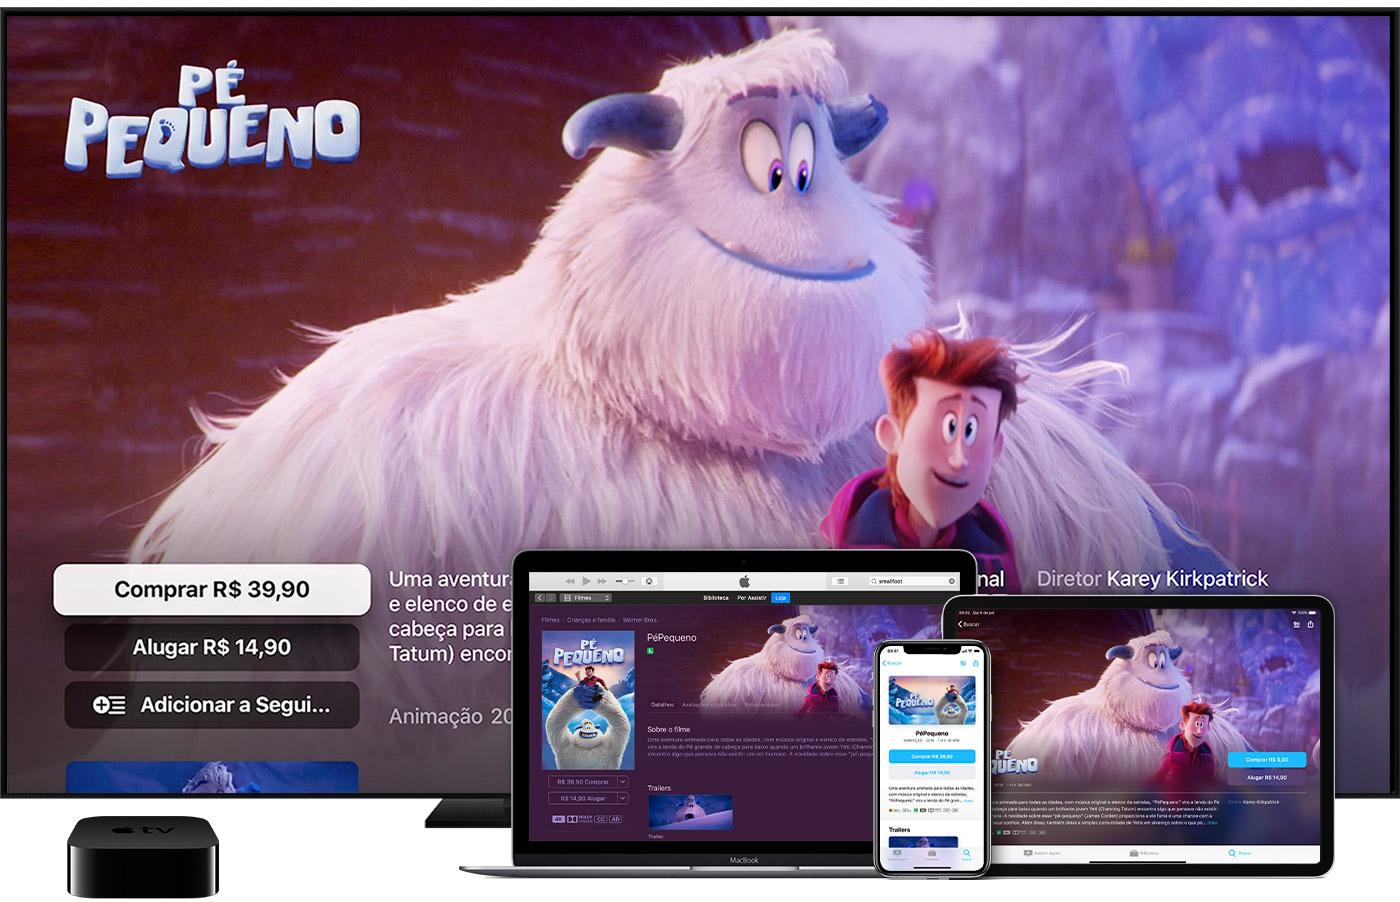 Alugar filmes no app Apple TV - Suporte da Apple